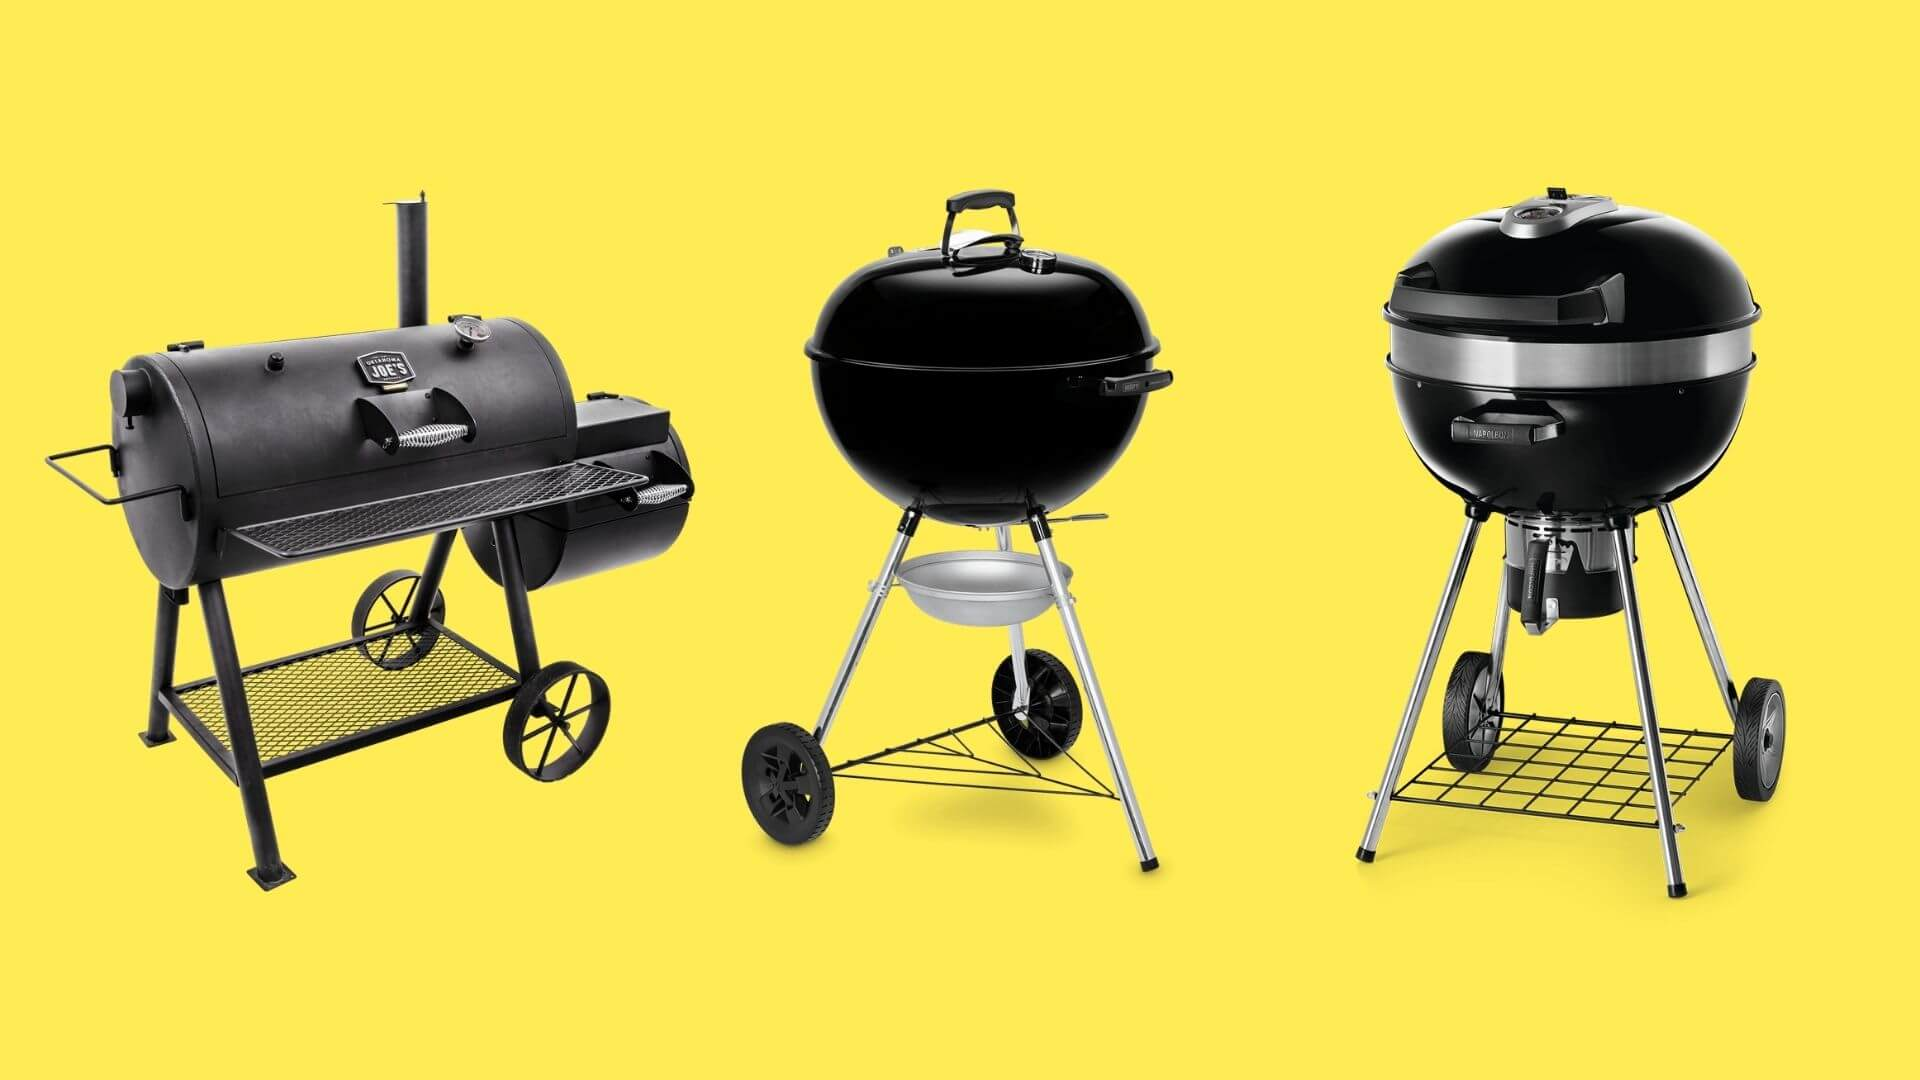 miglior-barbecue-a-carbone